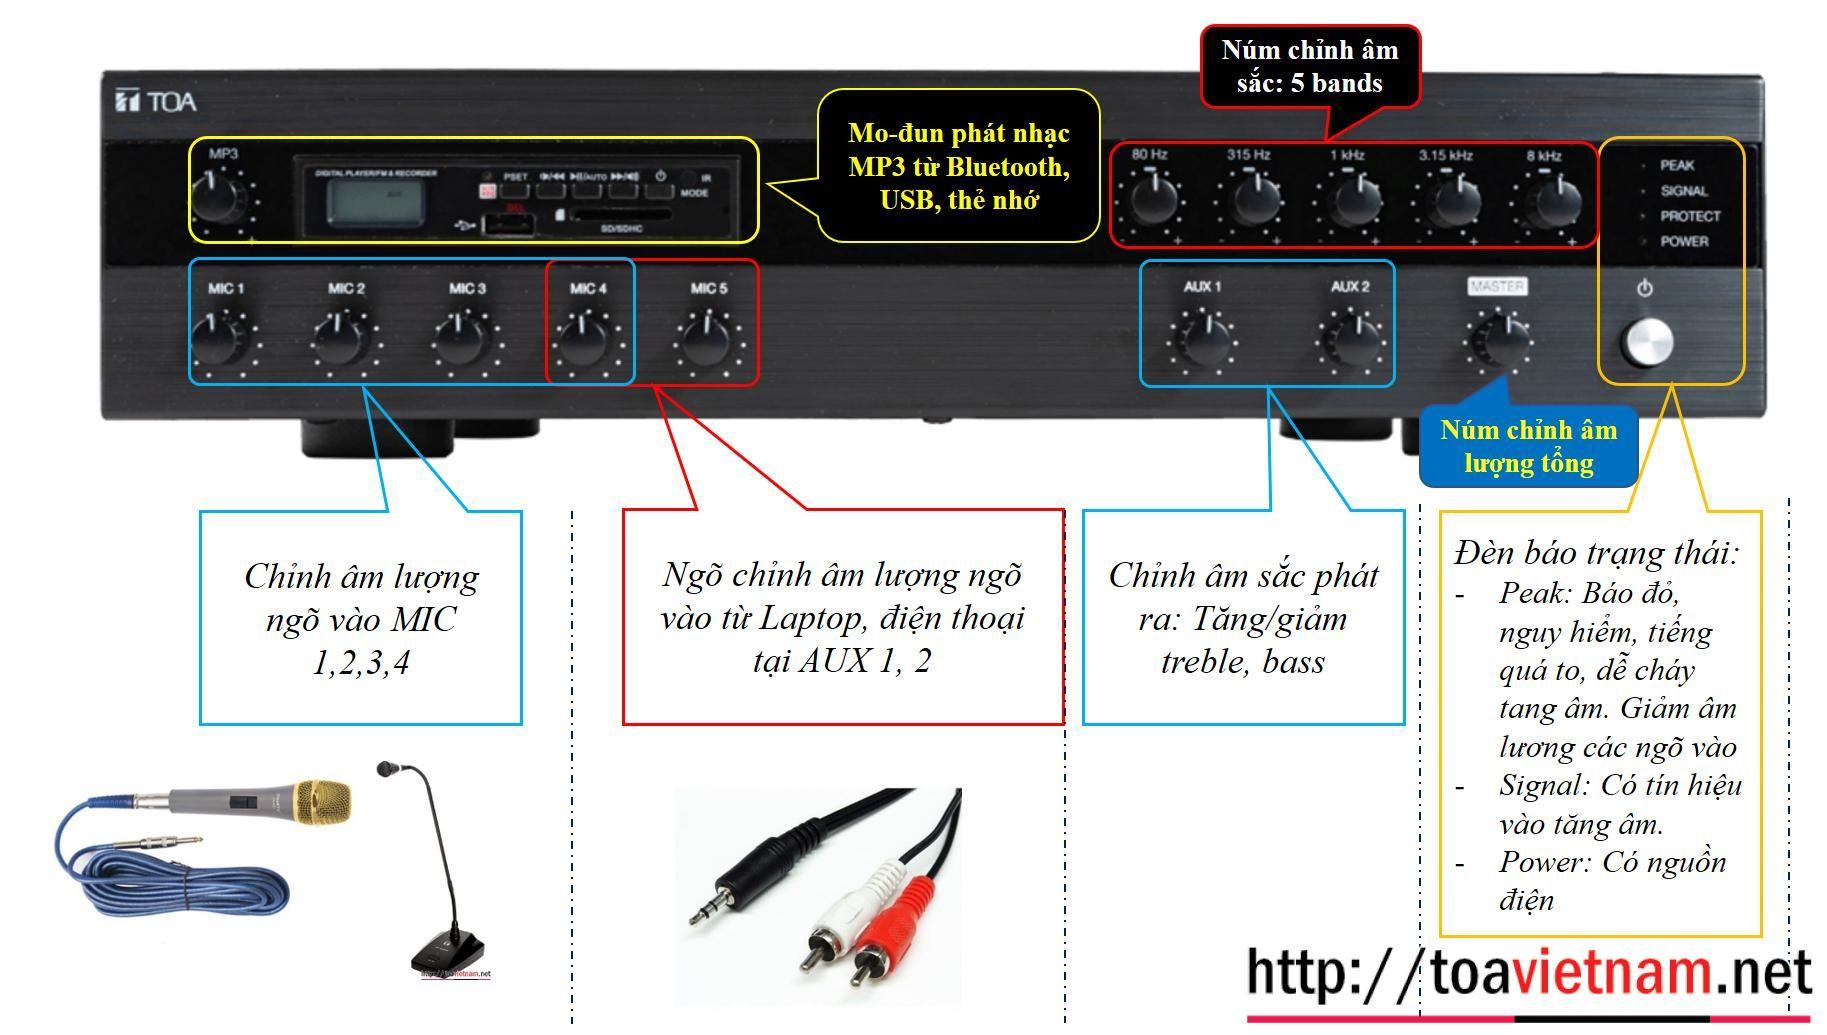 Hướng dẫn sử dụng, lắp đặt tăng âm A-3248DME-AS